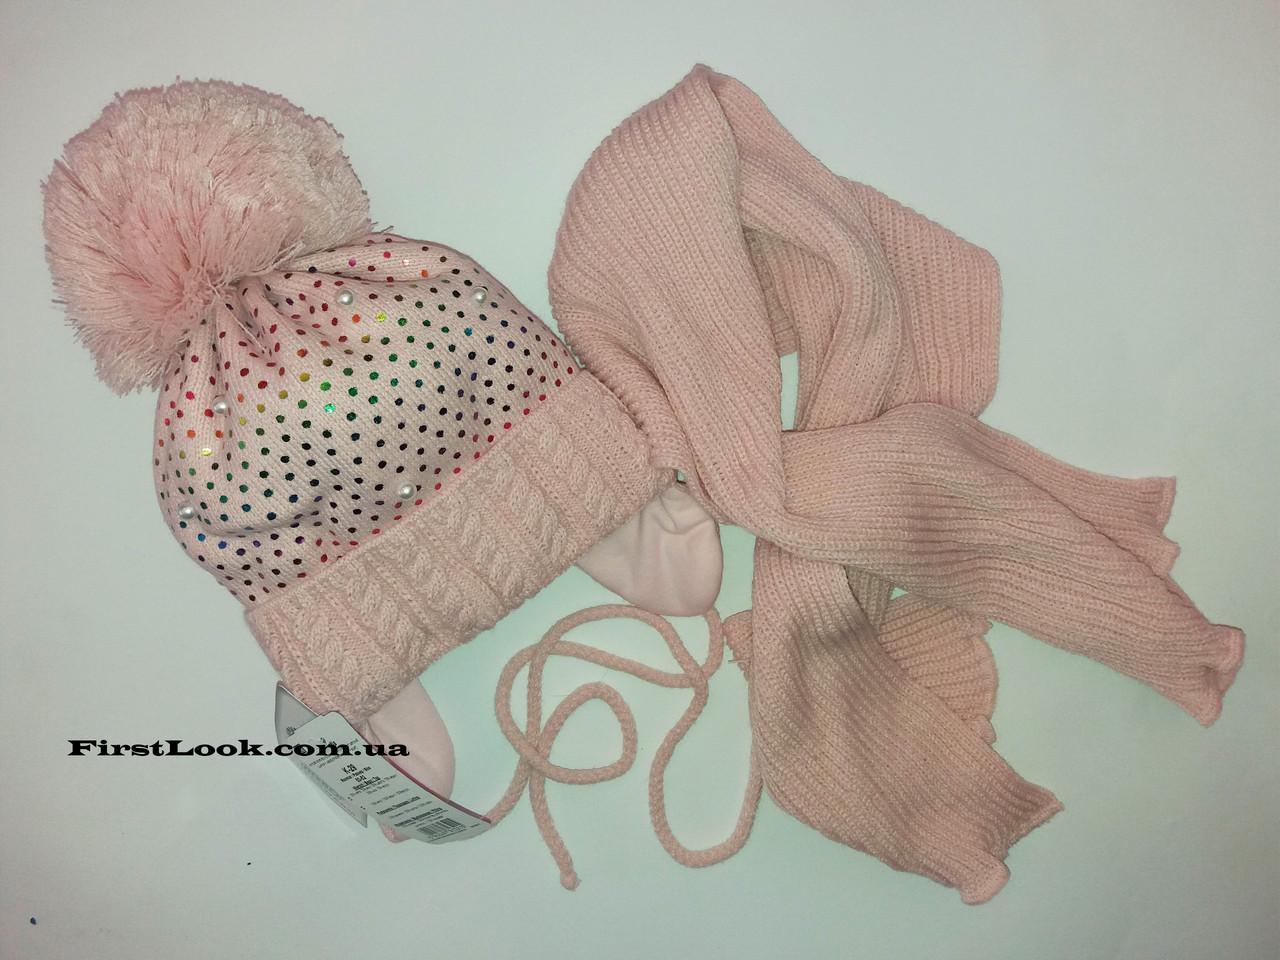 Зимний детский комплект шапка и шарф на девочку.(4-7 лет)